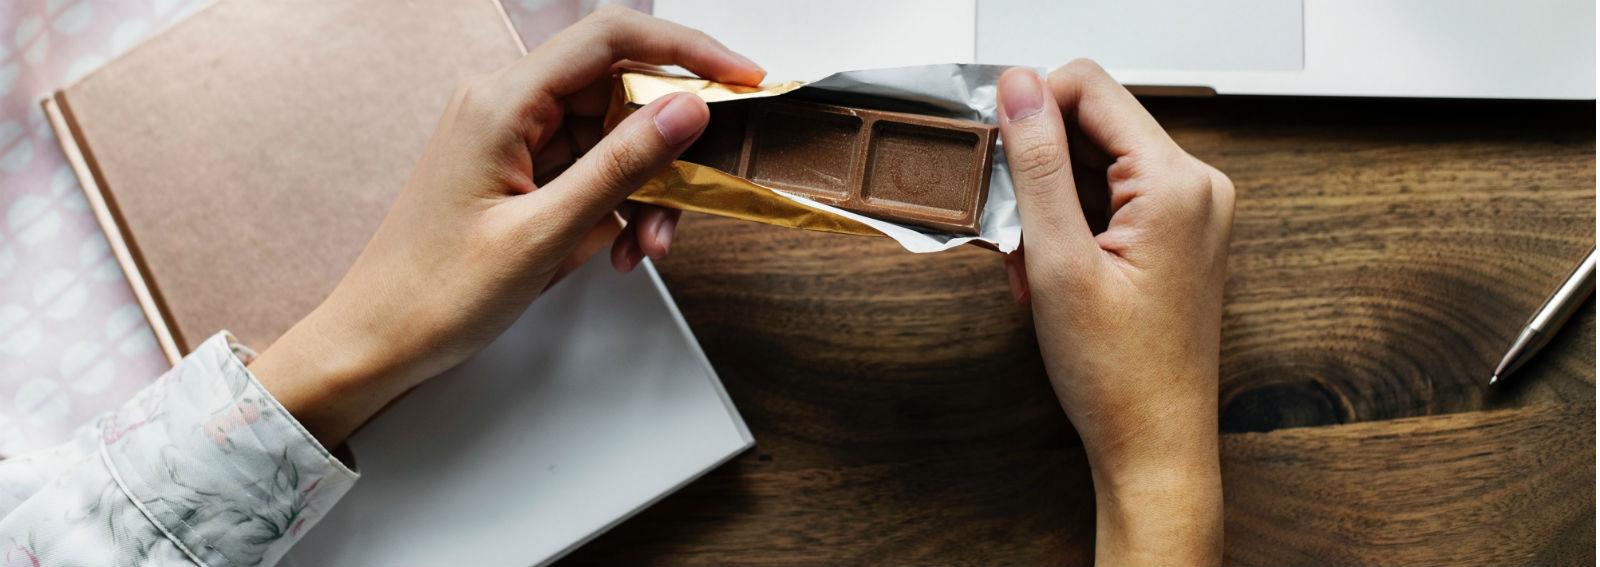 PC cioccolato ( desktop)